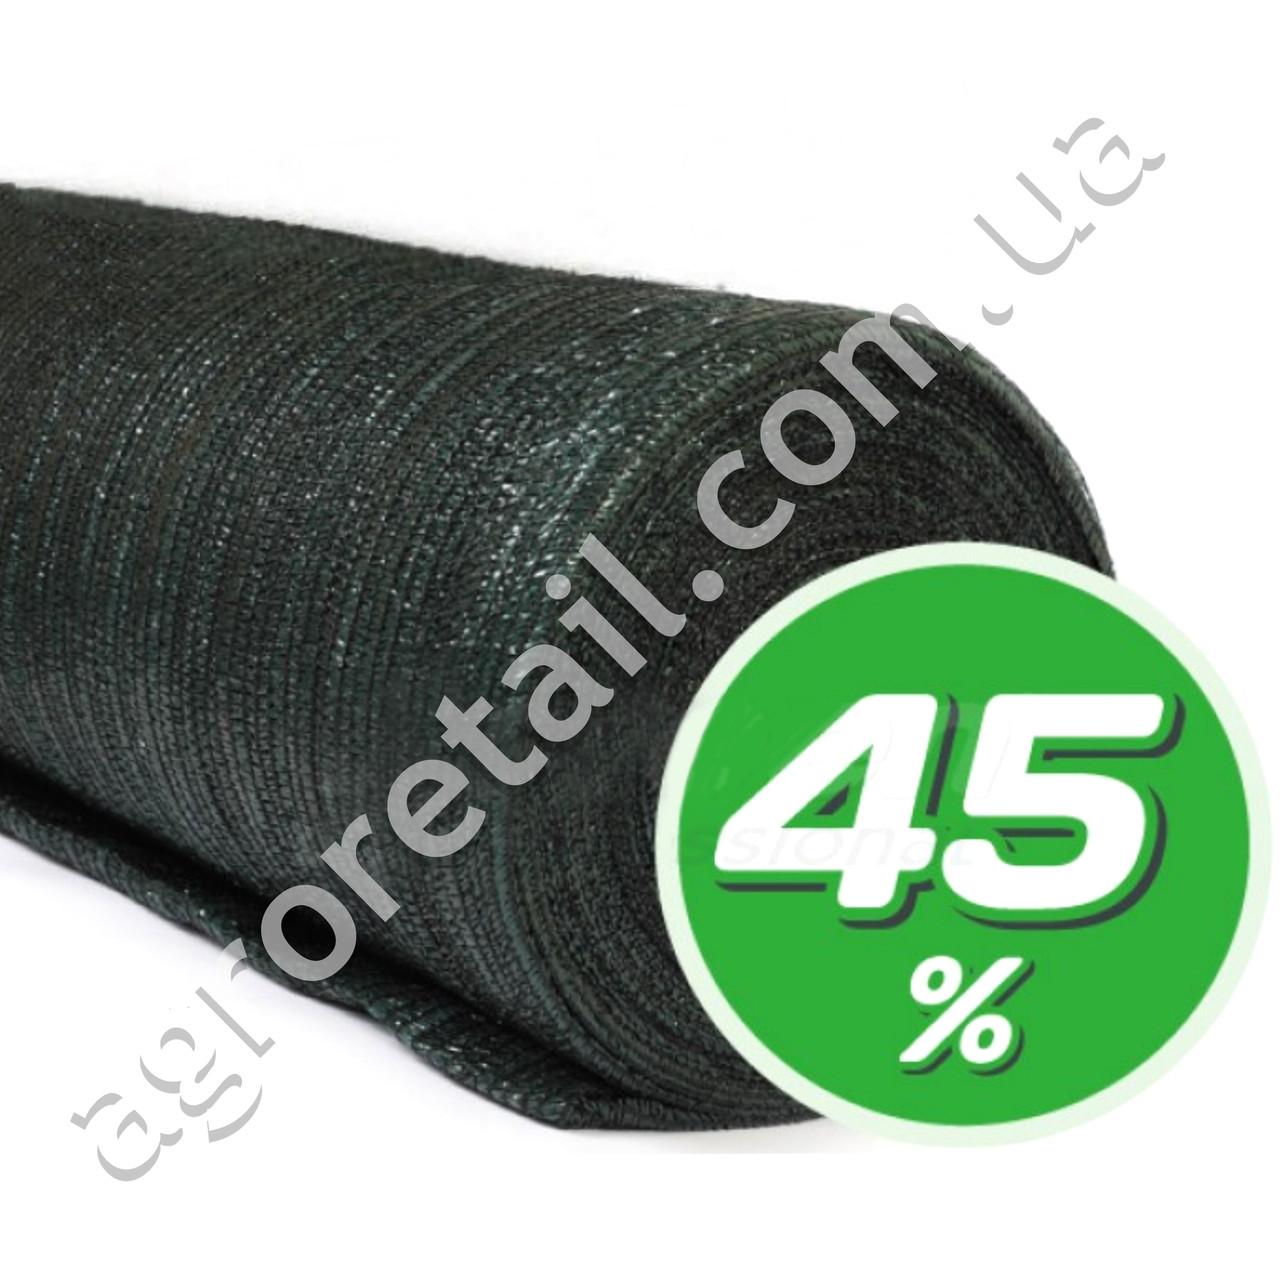 Затеняющая сетка зеленая 45% тени 2х100 м